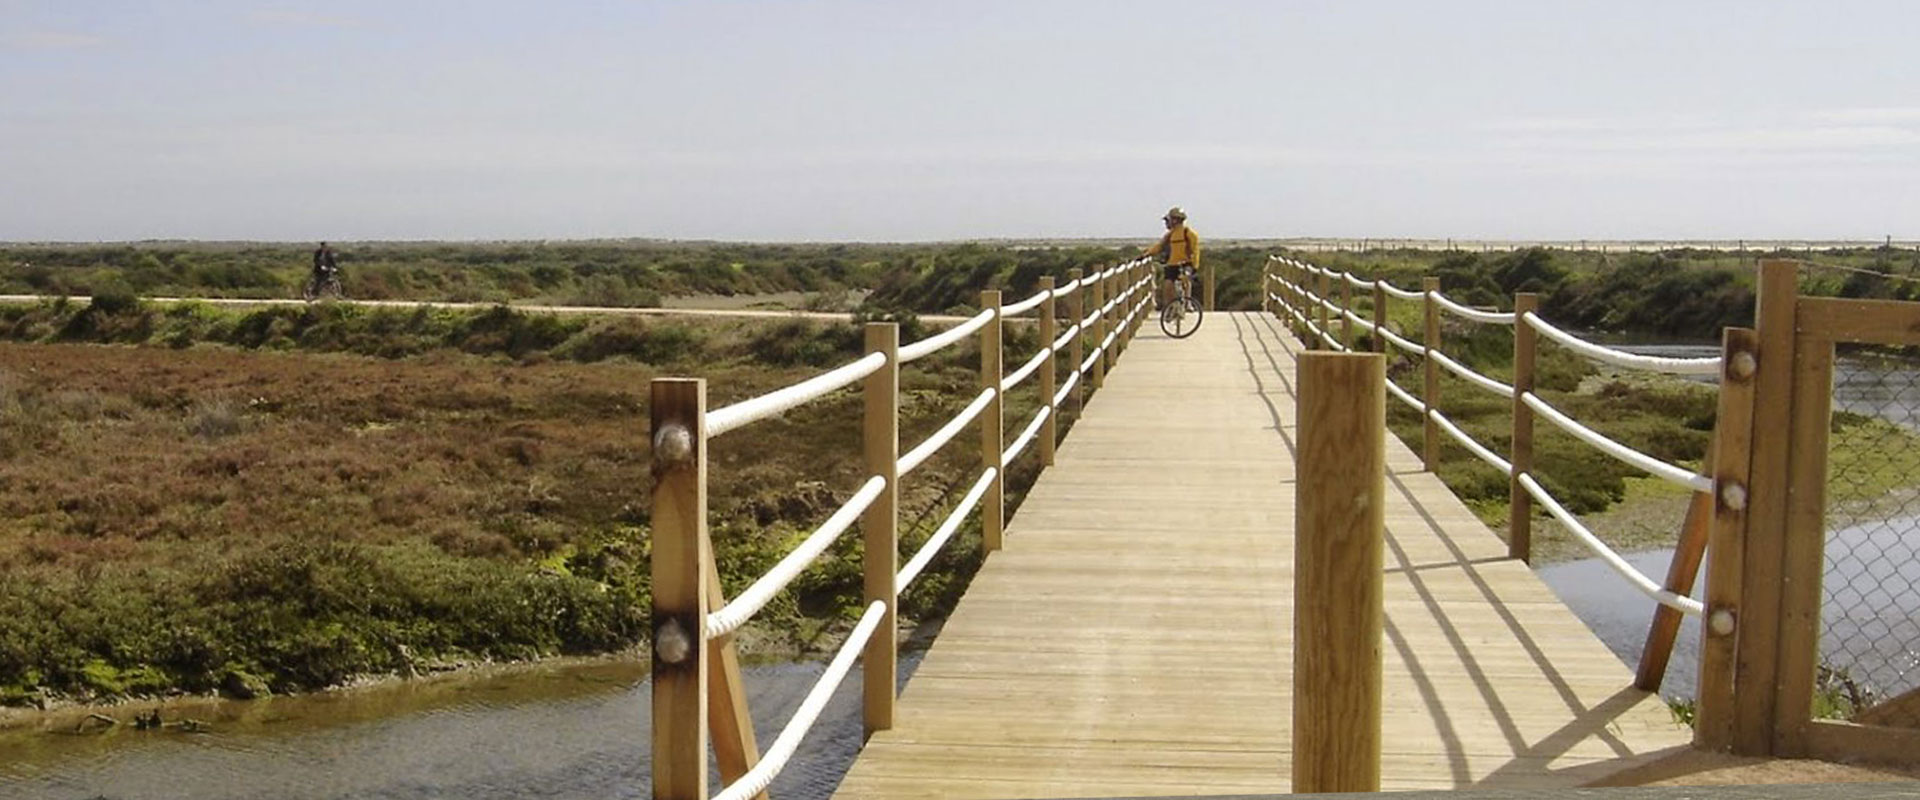 Walking Trails in the Algarve